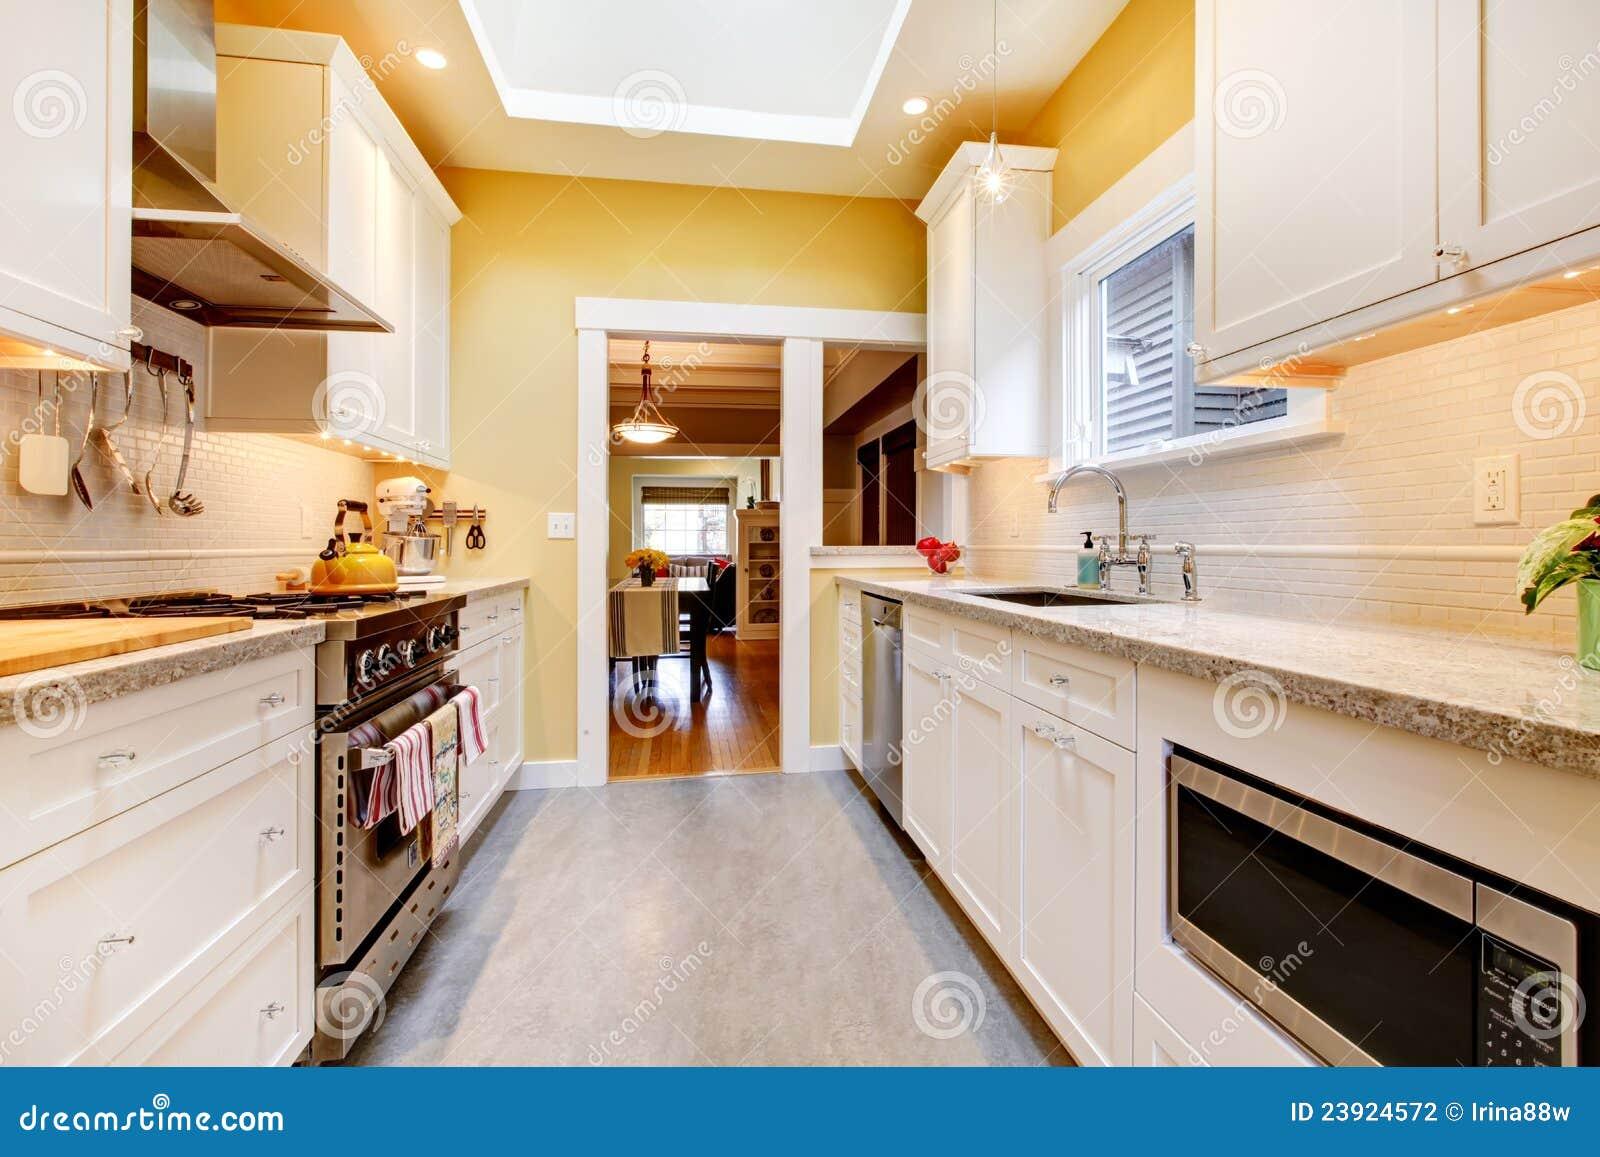 cuisine simple jaune et blanche avec la lucarne photographie stock image 23924572. Black Bedroom Furniture Sets. Home Design Ideas